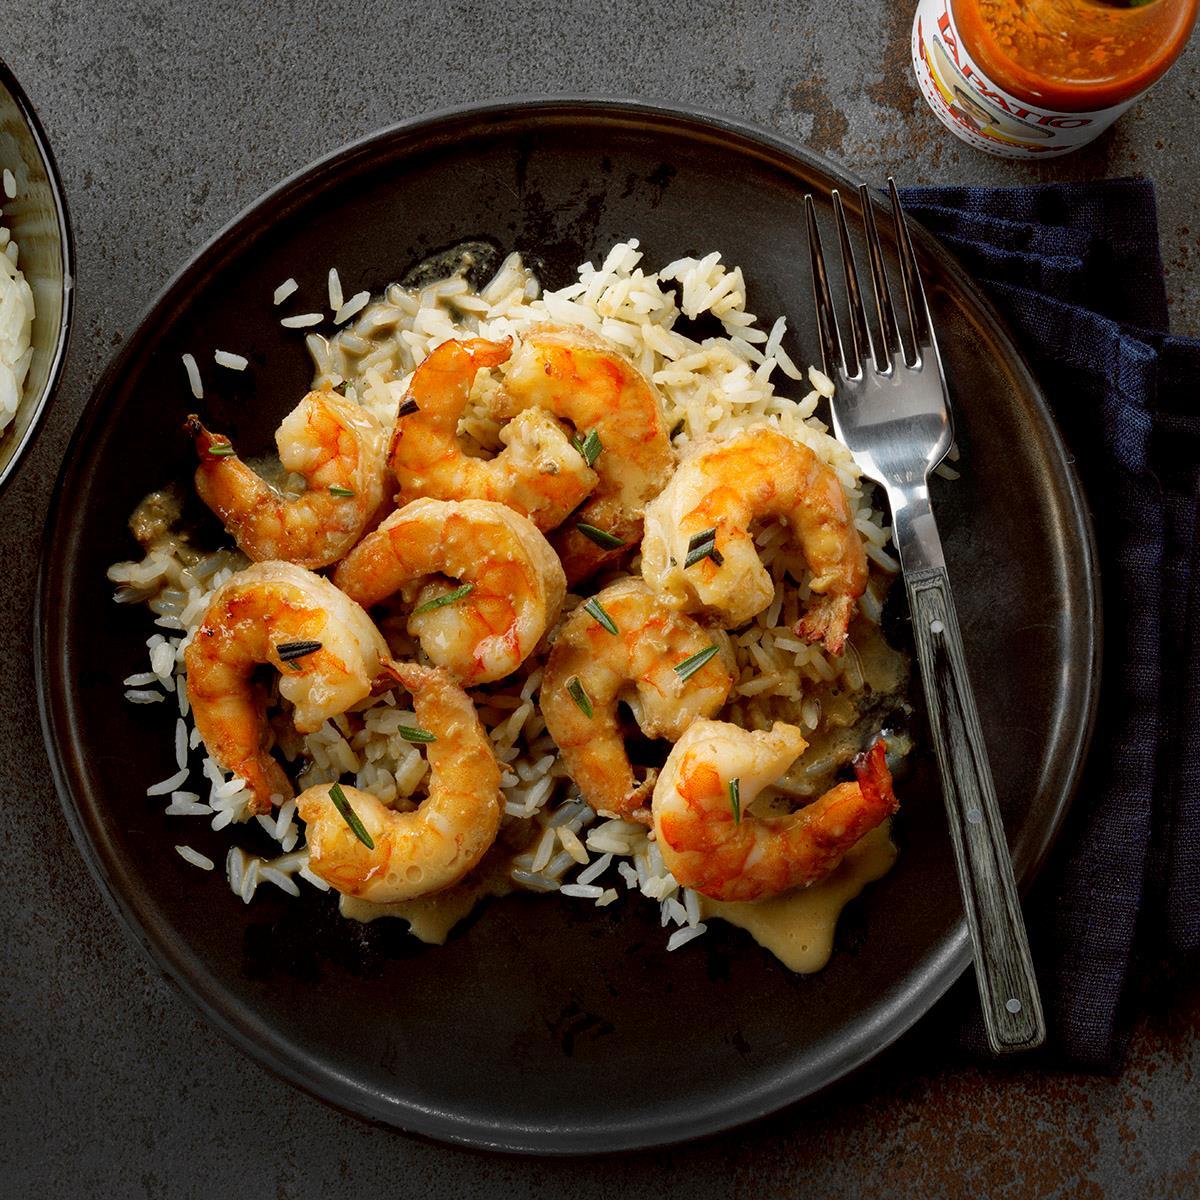 Receta de camarones con mantequilla de limón asado